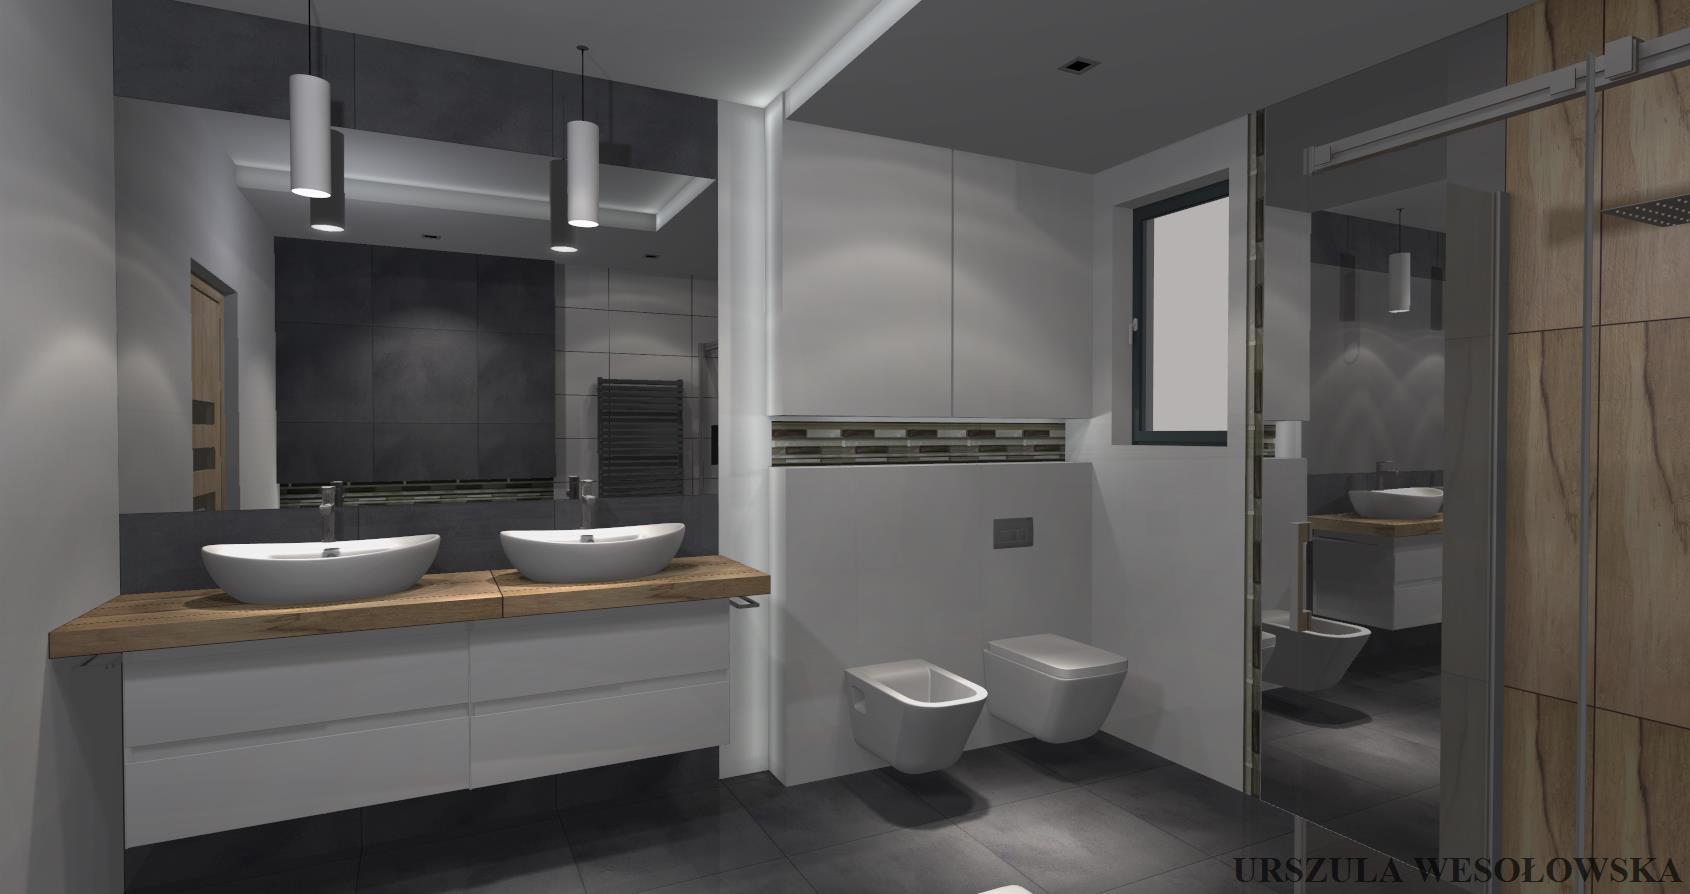 Ekskluzywne łazienki Decor Konin Decor Ekskluzywne